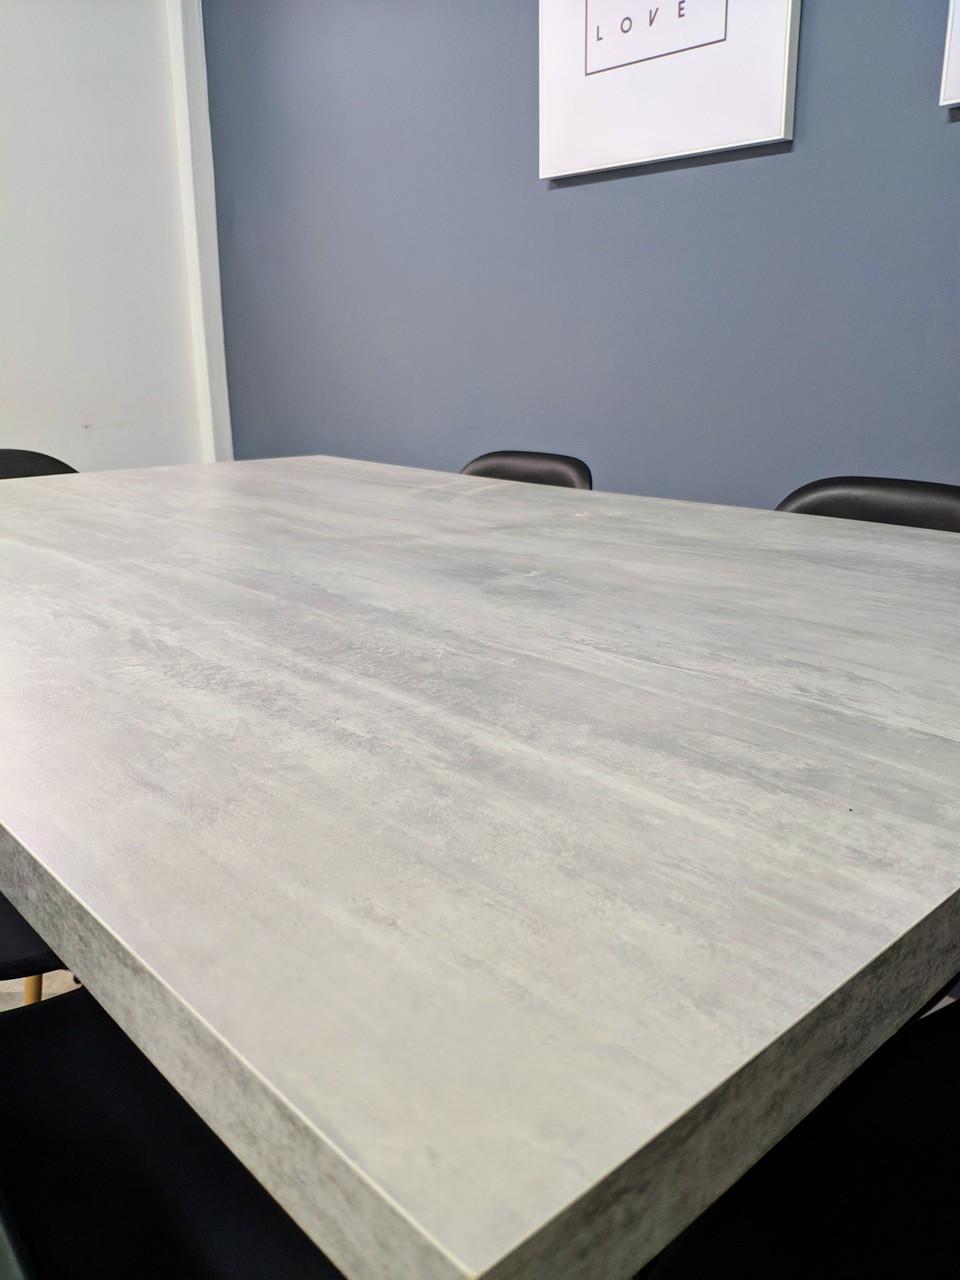 Mesa De Jantar STANDARD 90 cm x 140 cm Industrial Hairpin Legs - Tampo 100 % Mdf (Não acompanha cadeiras)  - Mtne Store